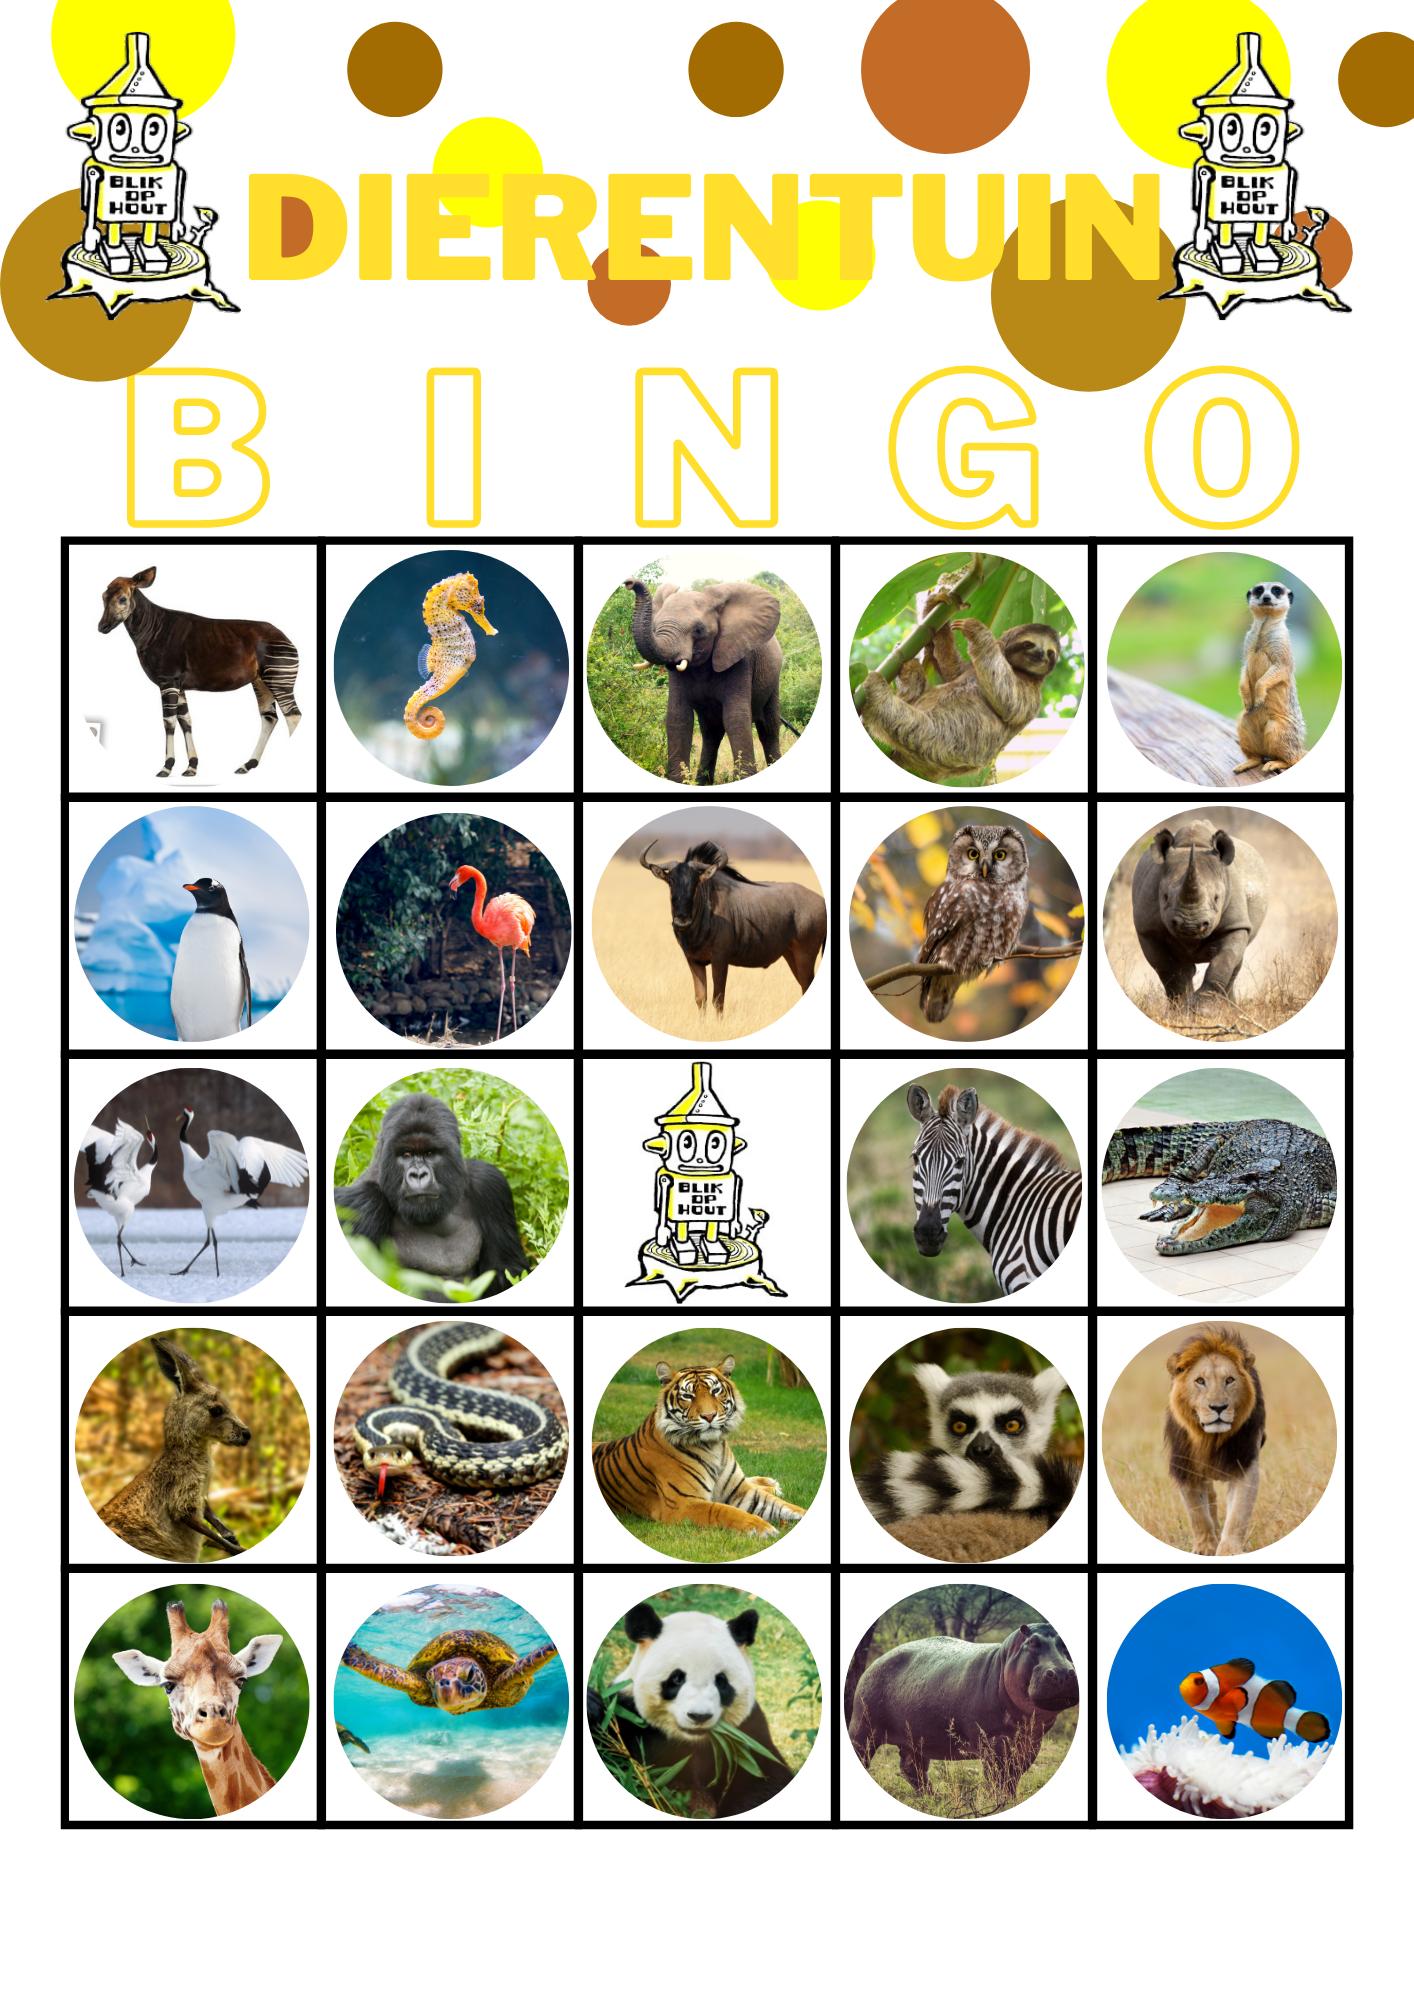 Dierentuin Bingo